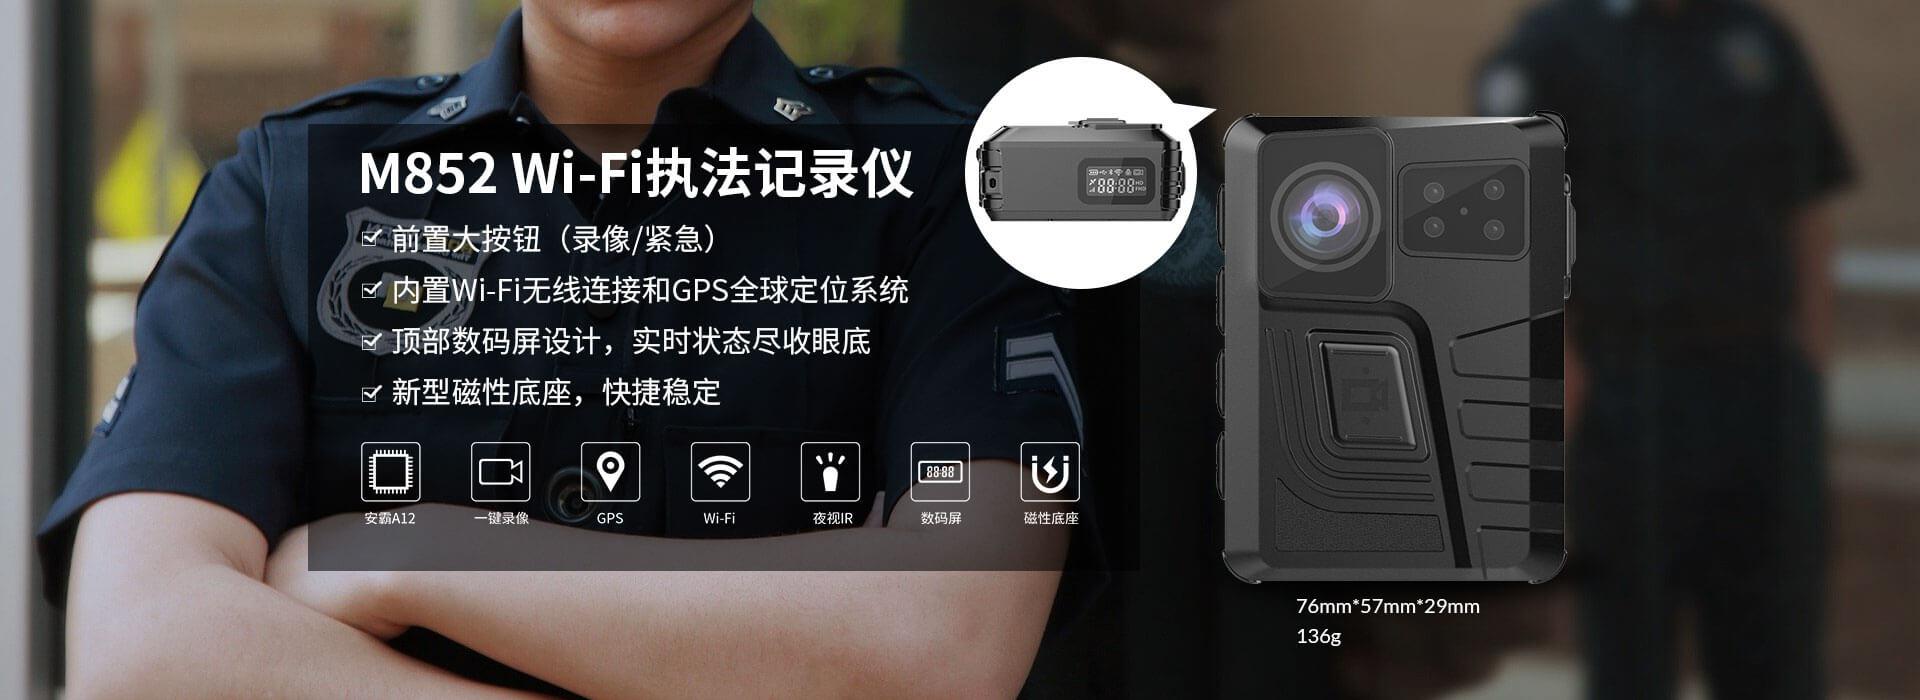 M852 Wi-Fi执法记录仪